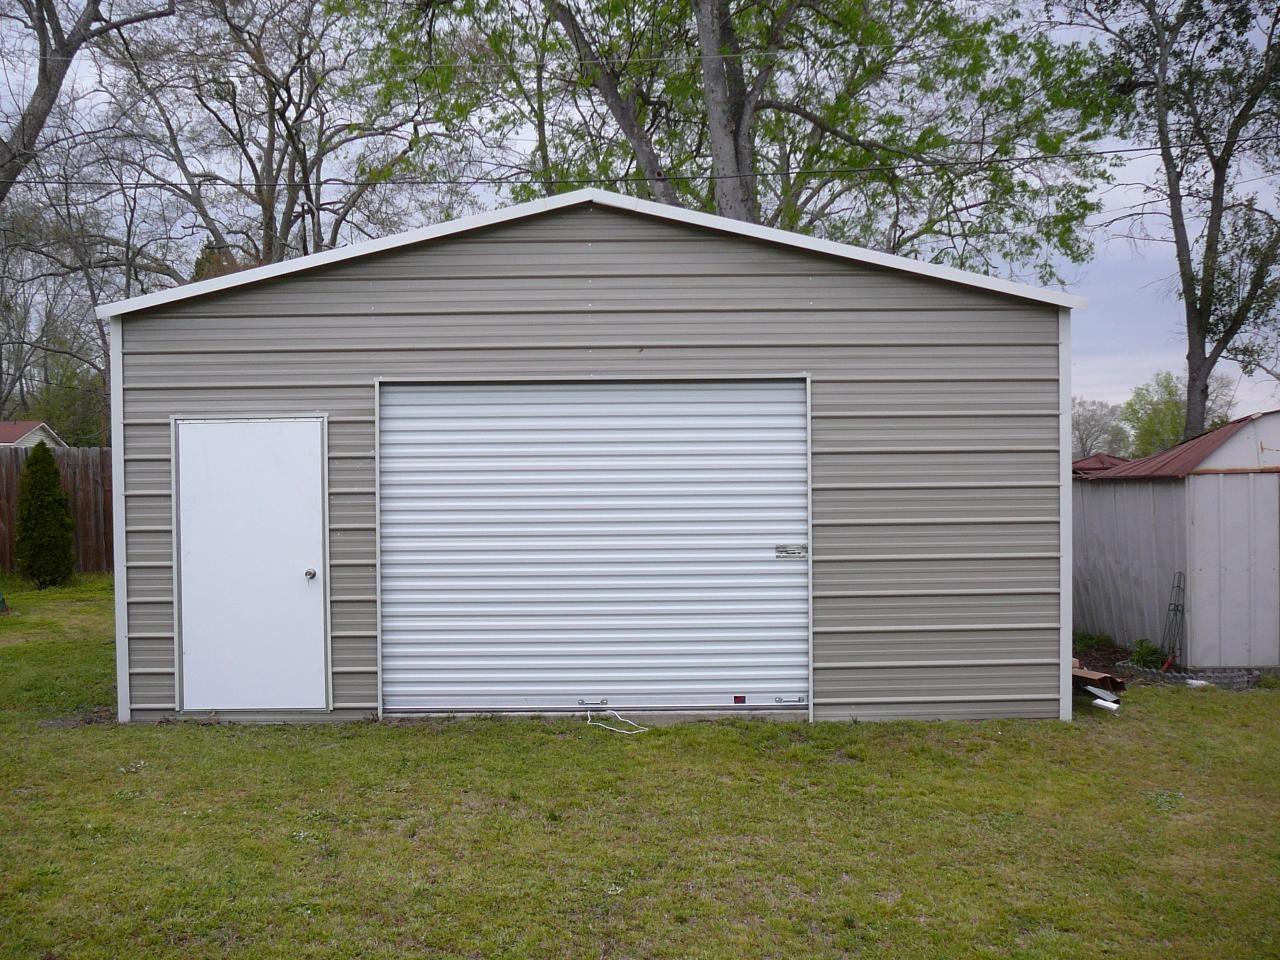 prefab steel garages uk steel garages geelong. Black Bedroom Furniture Sets. Home Design Ideas